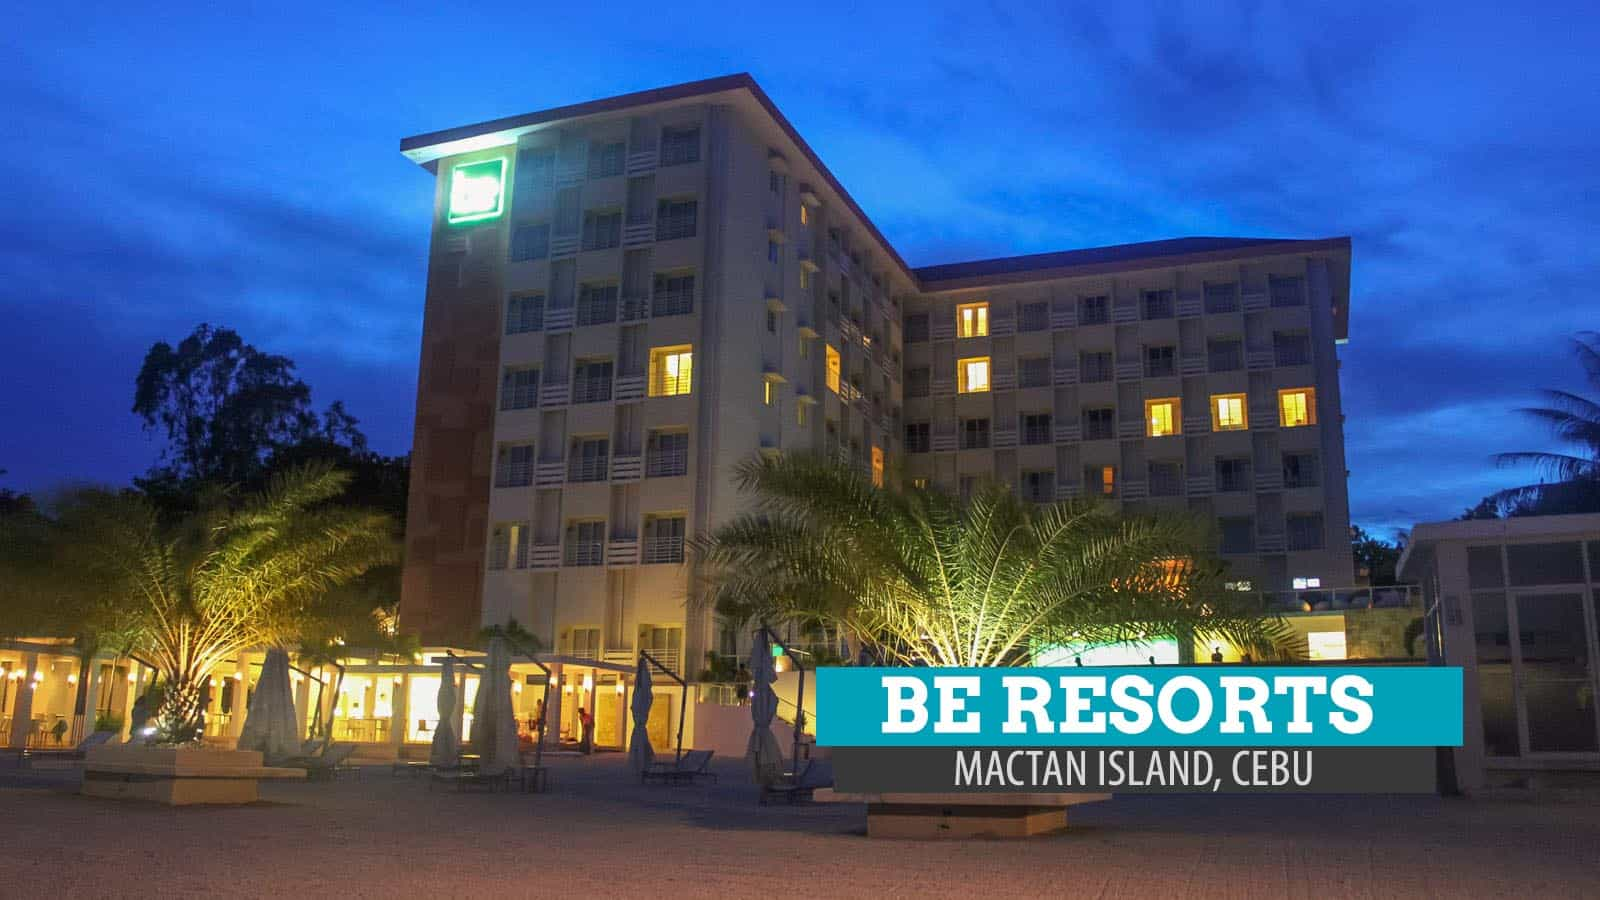 Be Resorts Mactan: Where to Stay in Cebu (Splurge Option)